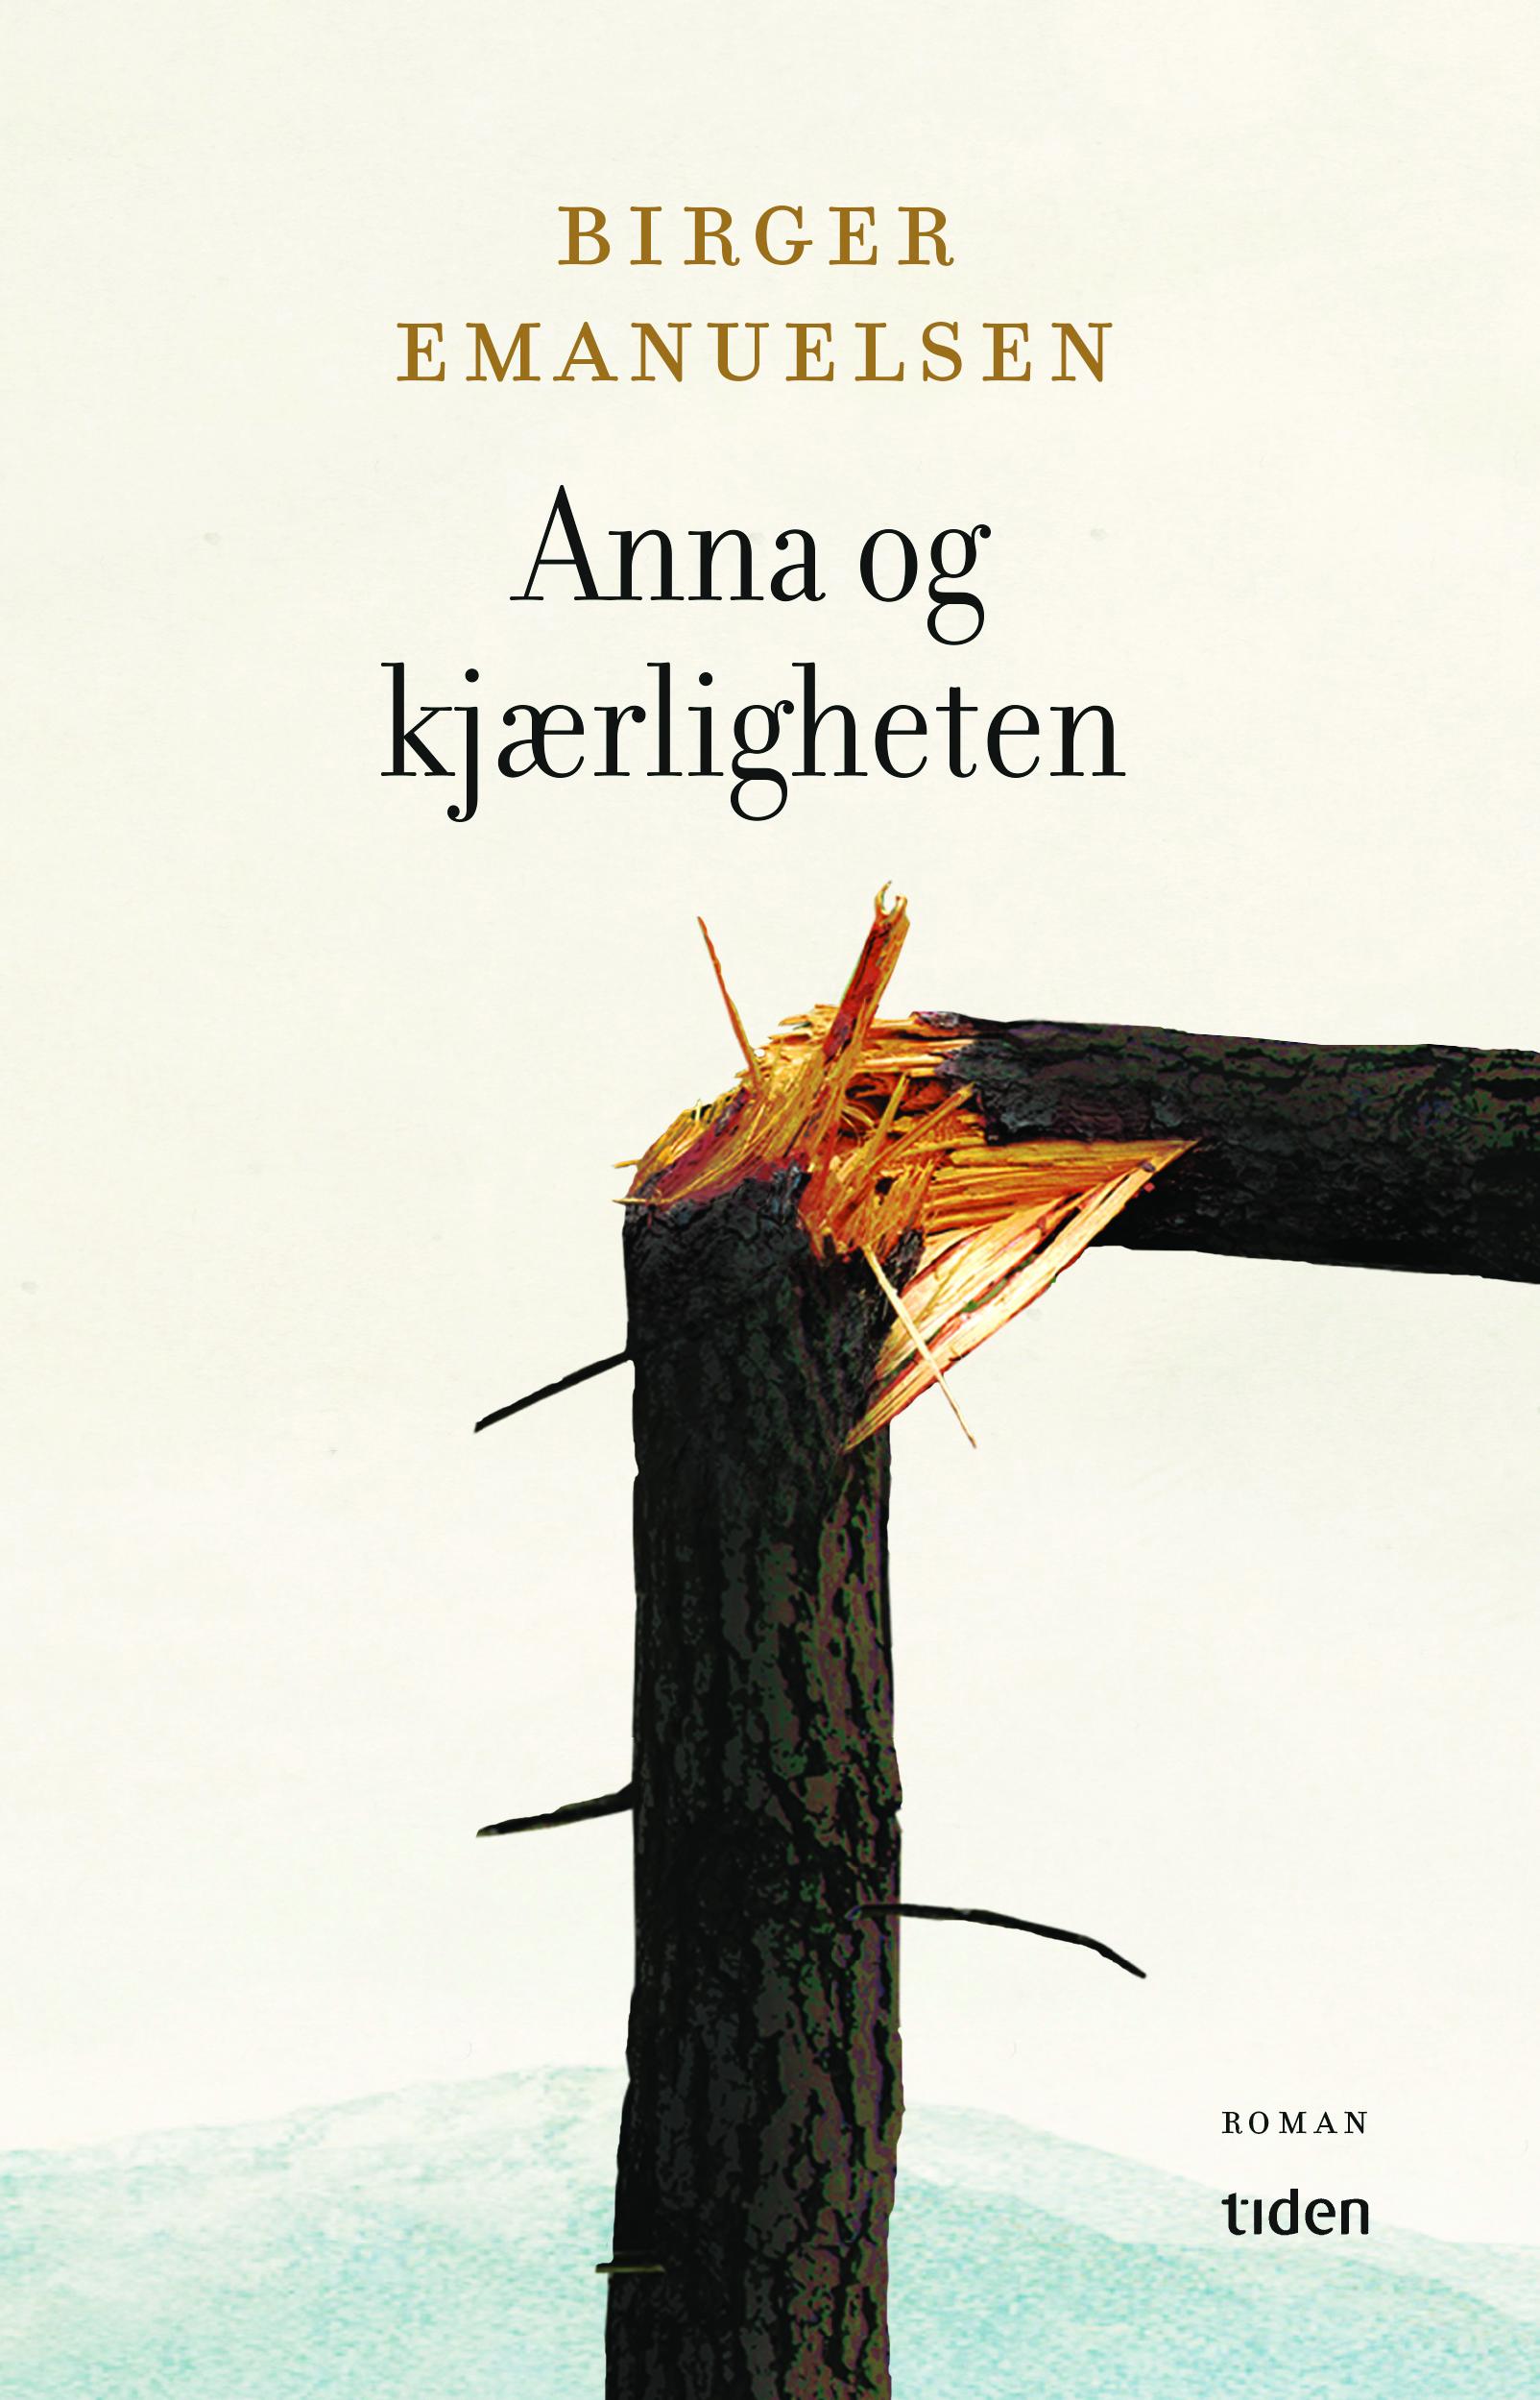 Anna og kjærligheten (2016)